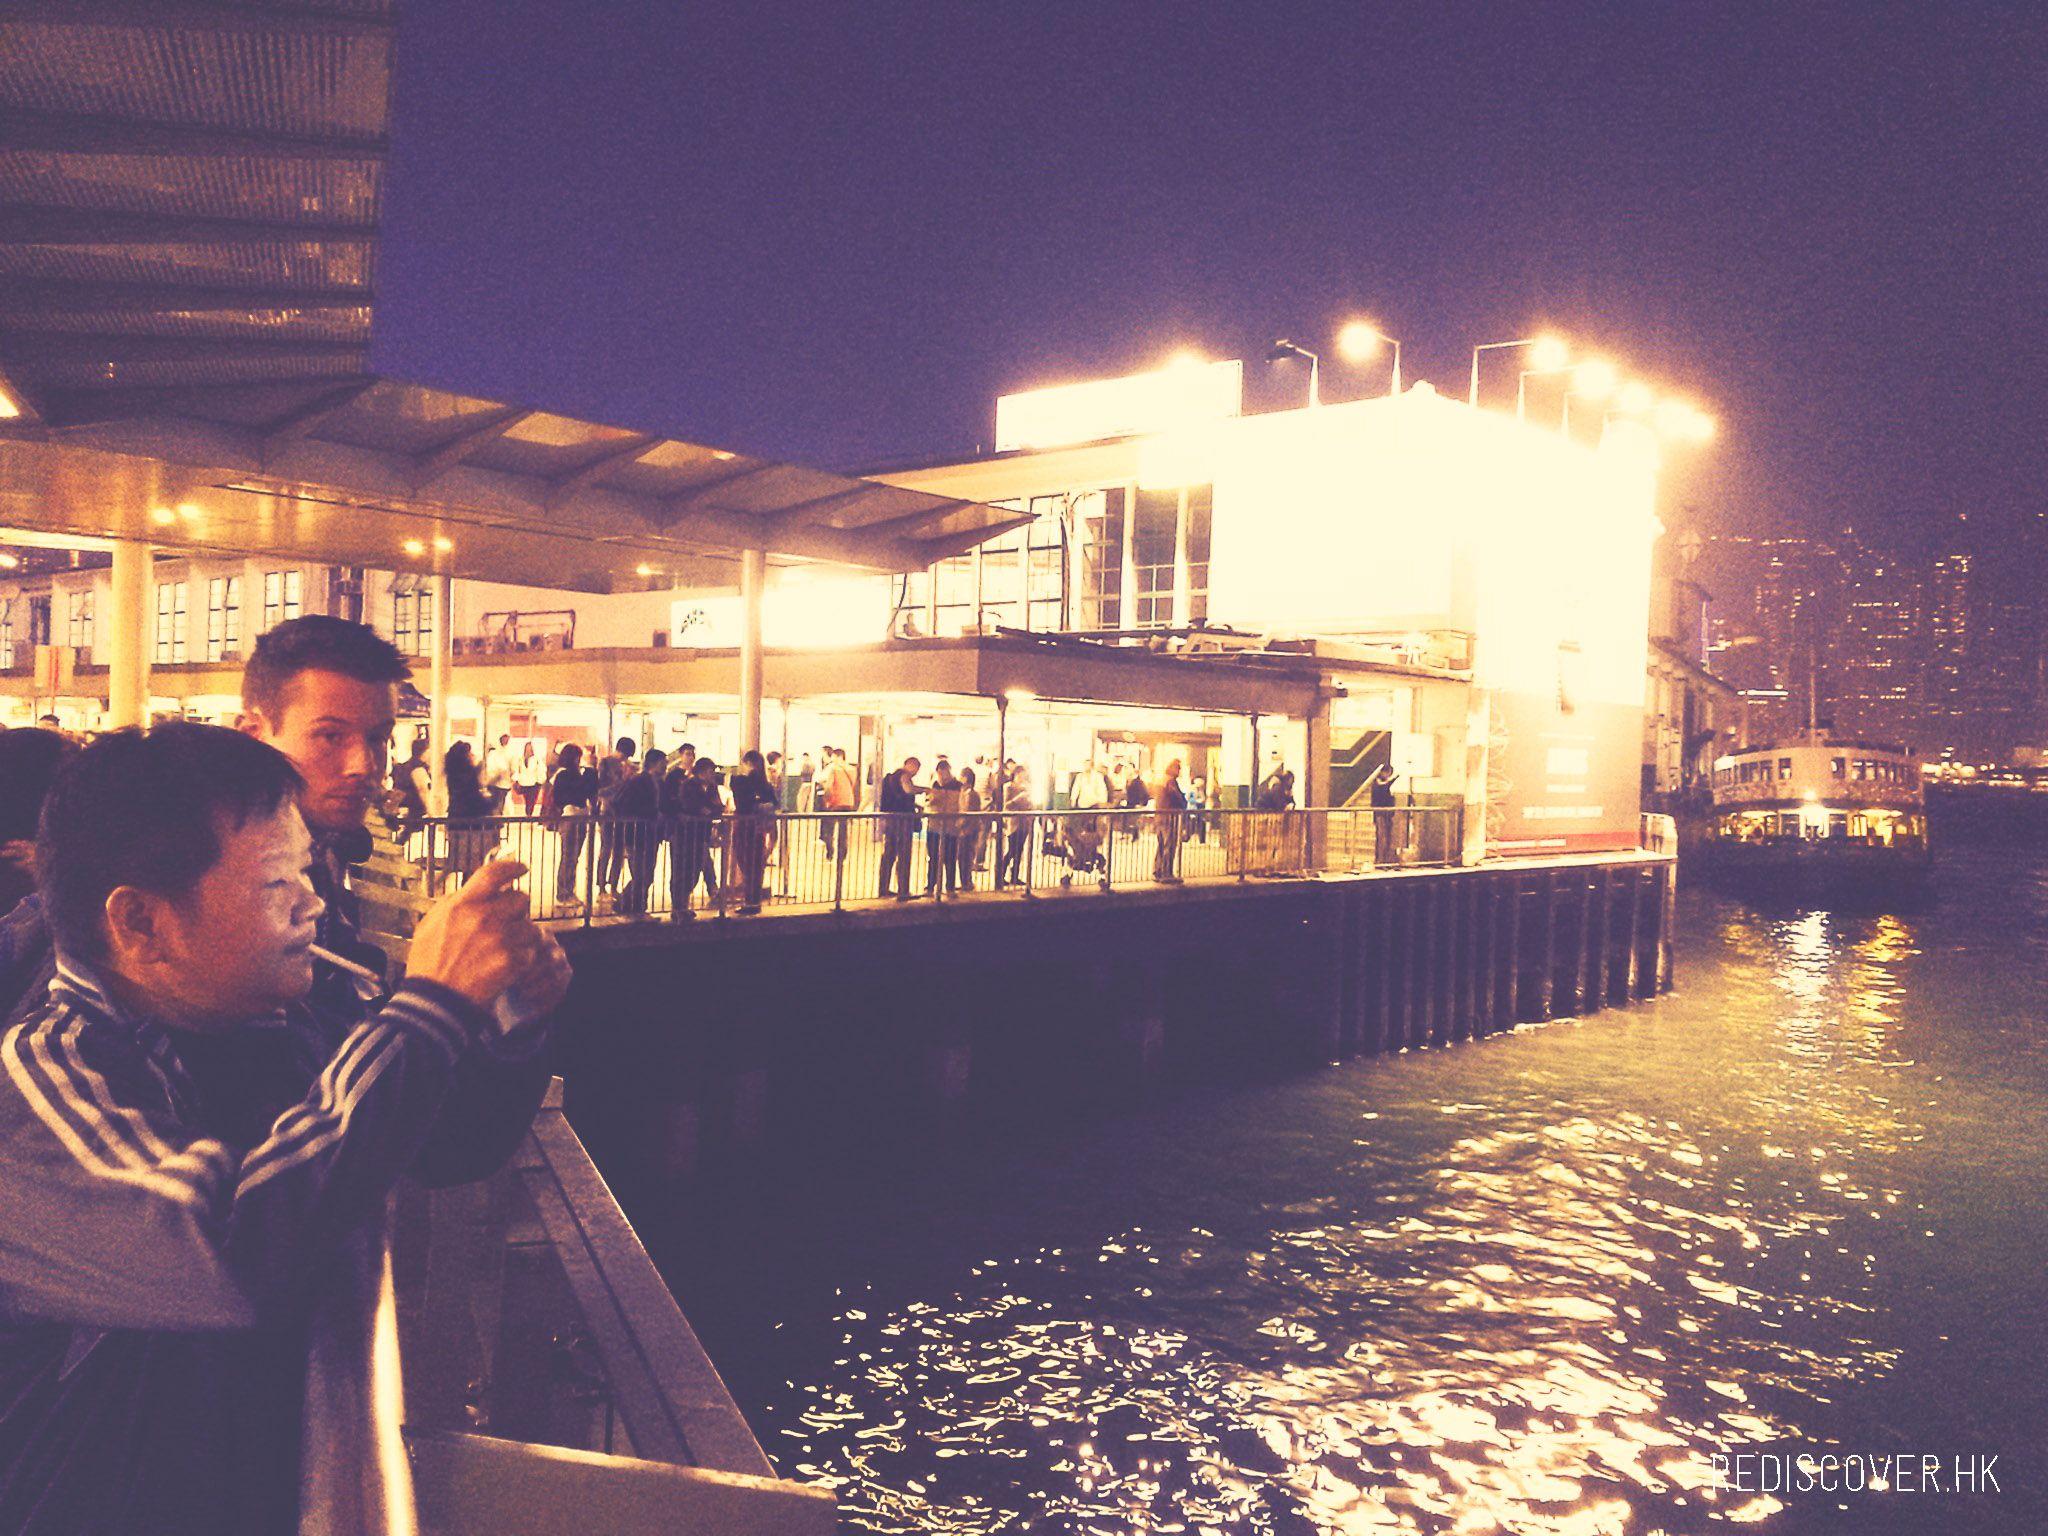 Star Ferry Bus Stop 尖沙咀碼頭巴士站 http://rediscover.hk/1540/tsim-sha-tsui/ #TsimShaTsui #StarFerry